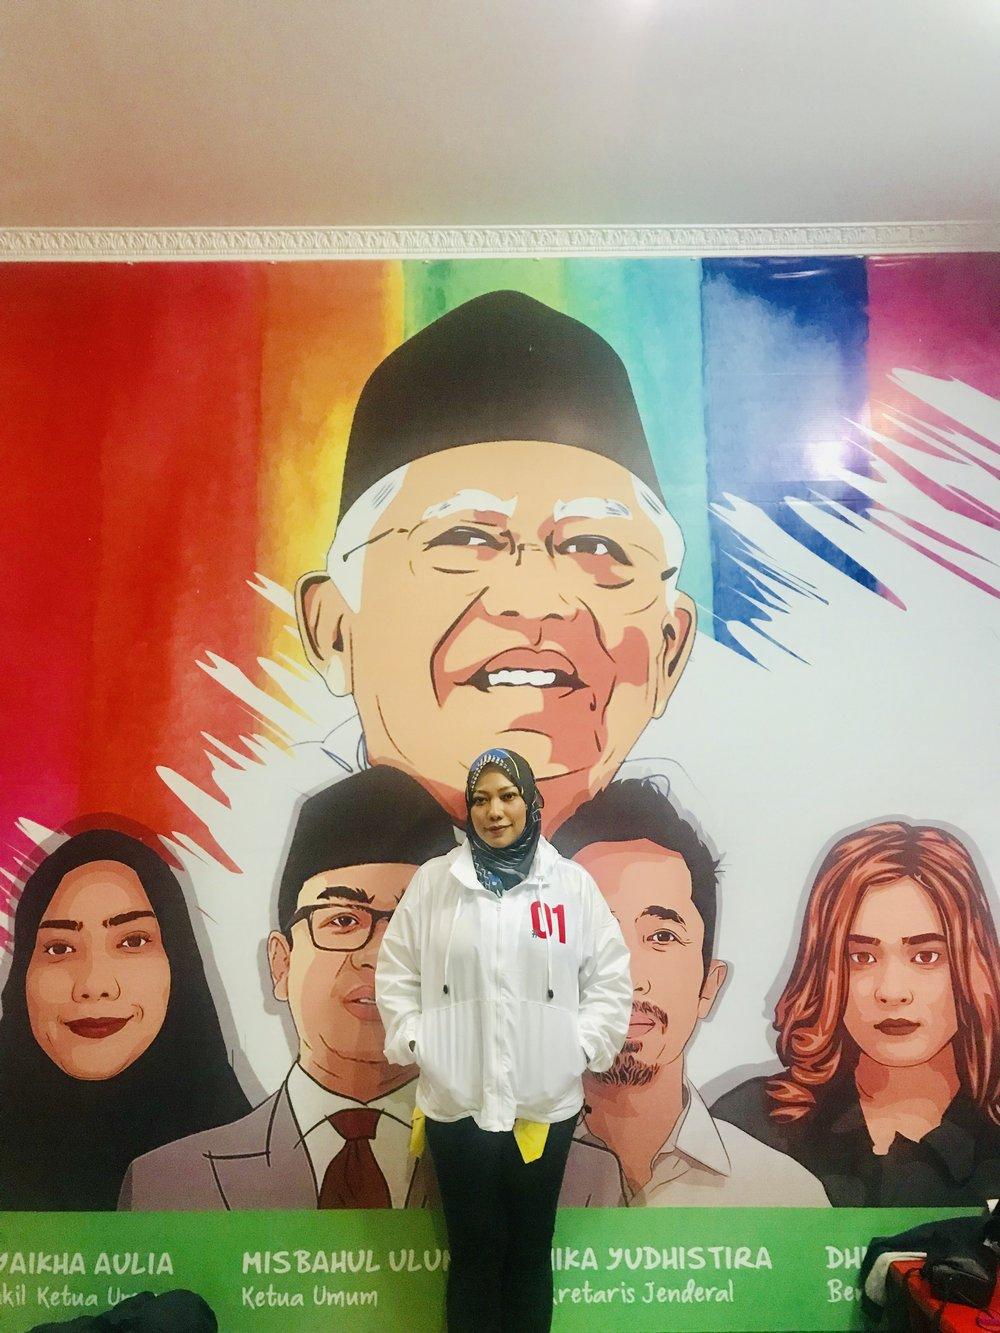 Amin's granddaughter Syaikha Aulia runs his election outreach to millennials. Photo by Sonia Sarkar.